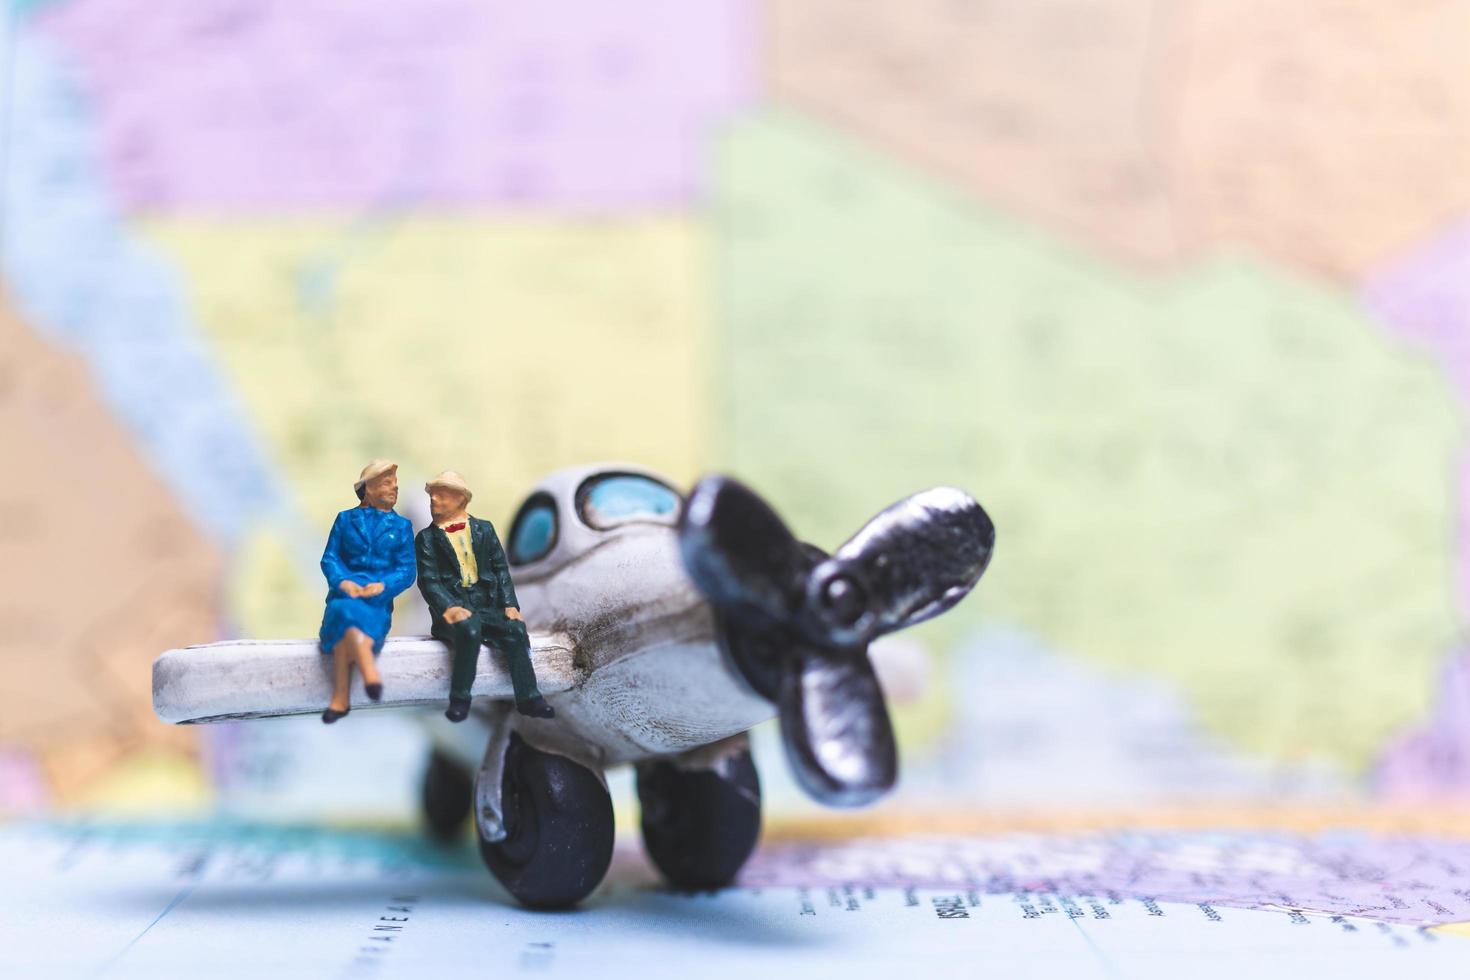 personnes miniatures assis sur un avion avec un fond de carte du monde, concept de voyage photo